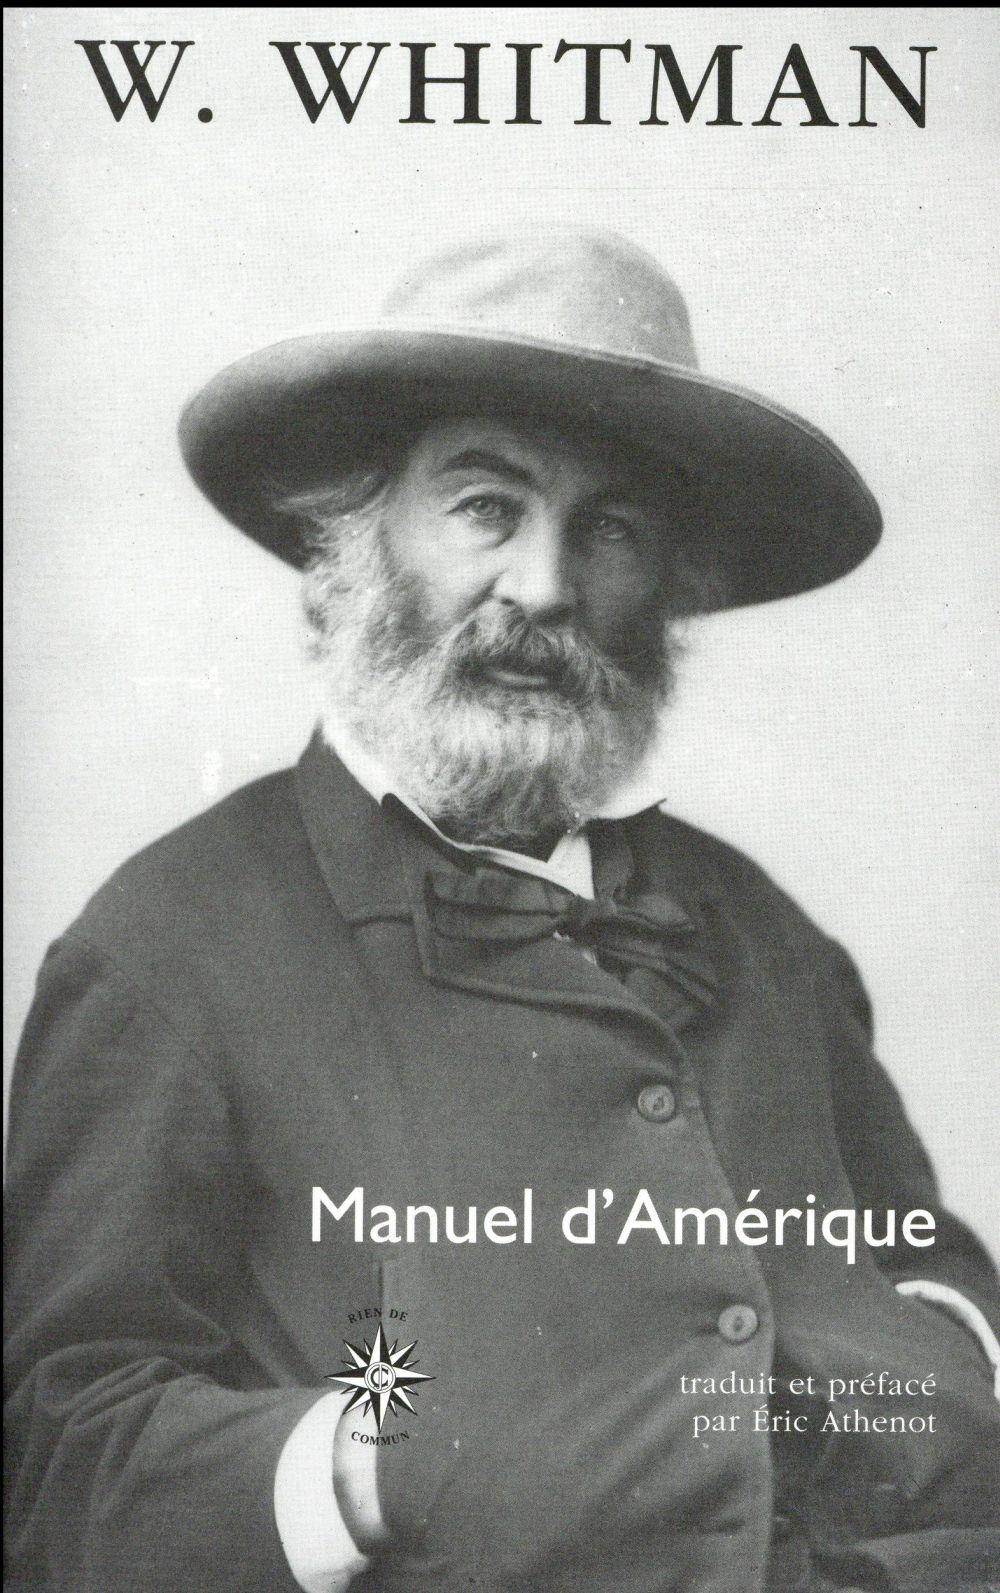 Manuel d'Amérique